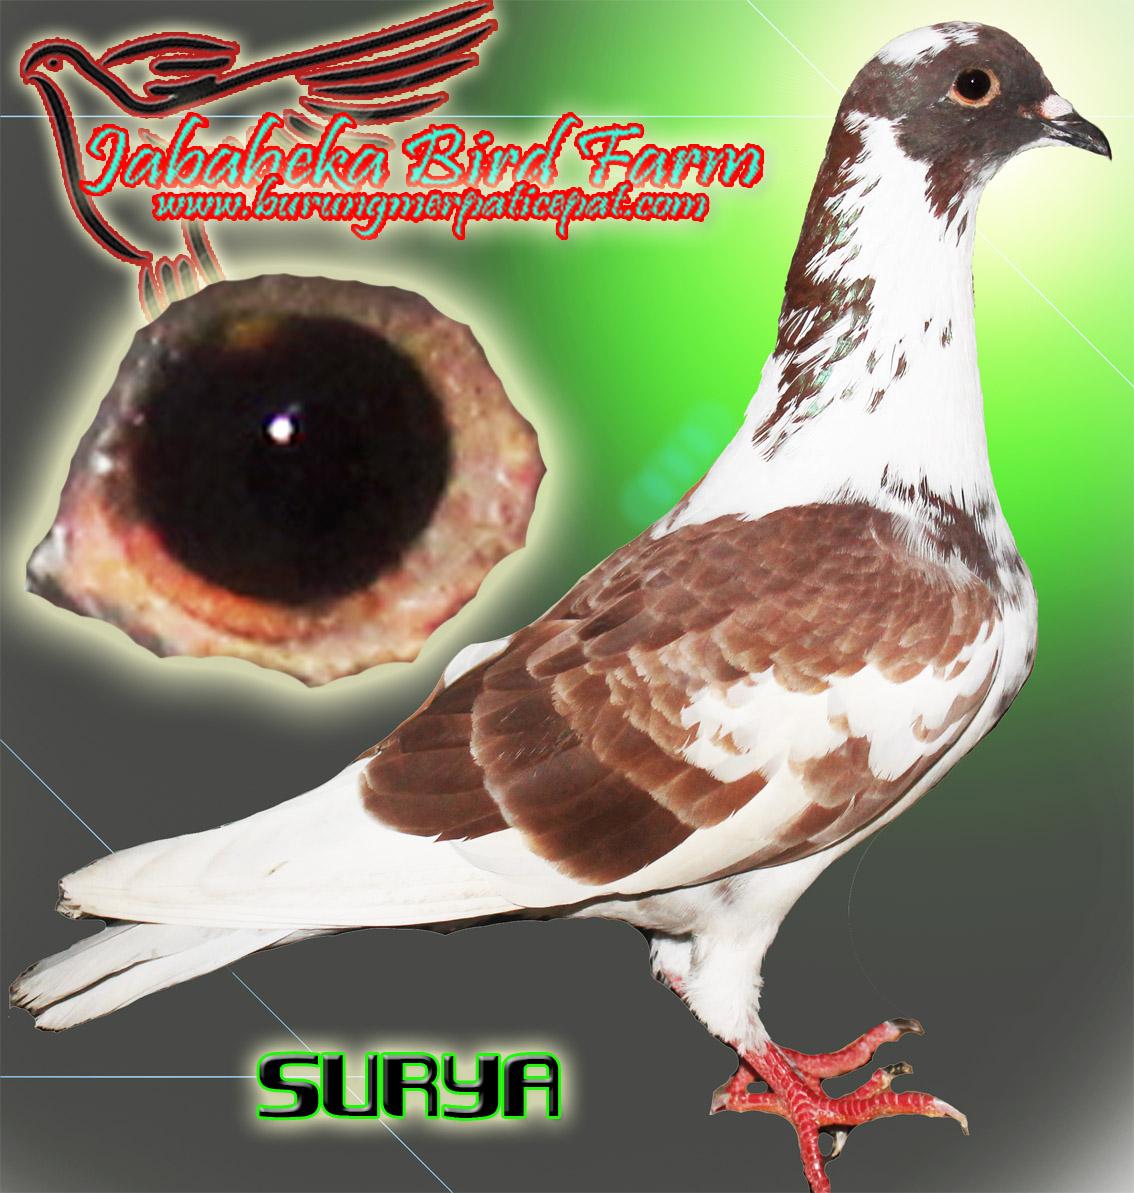 Pengiriman Burung merpati Bulan Mei 2013 terhitung tgl 1 - 15 mei